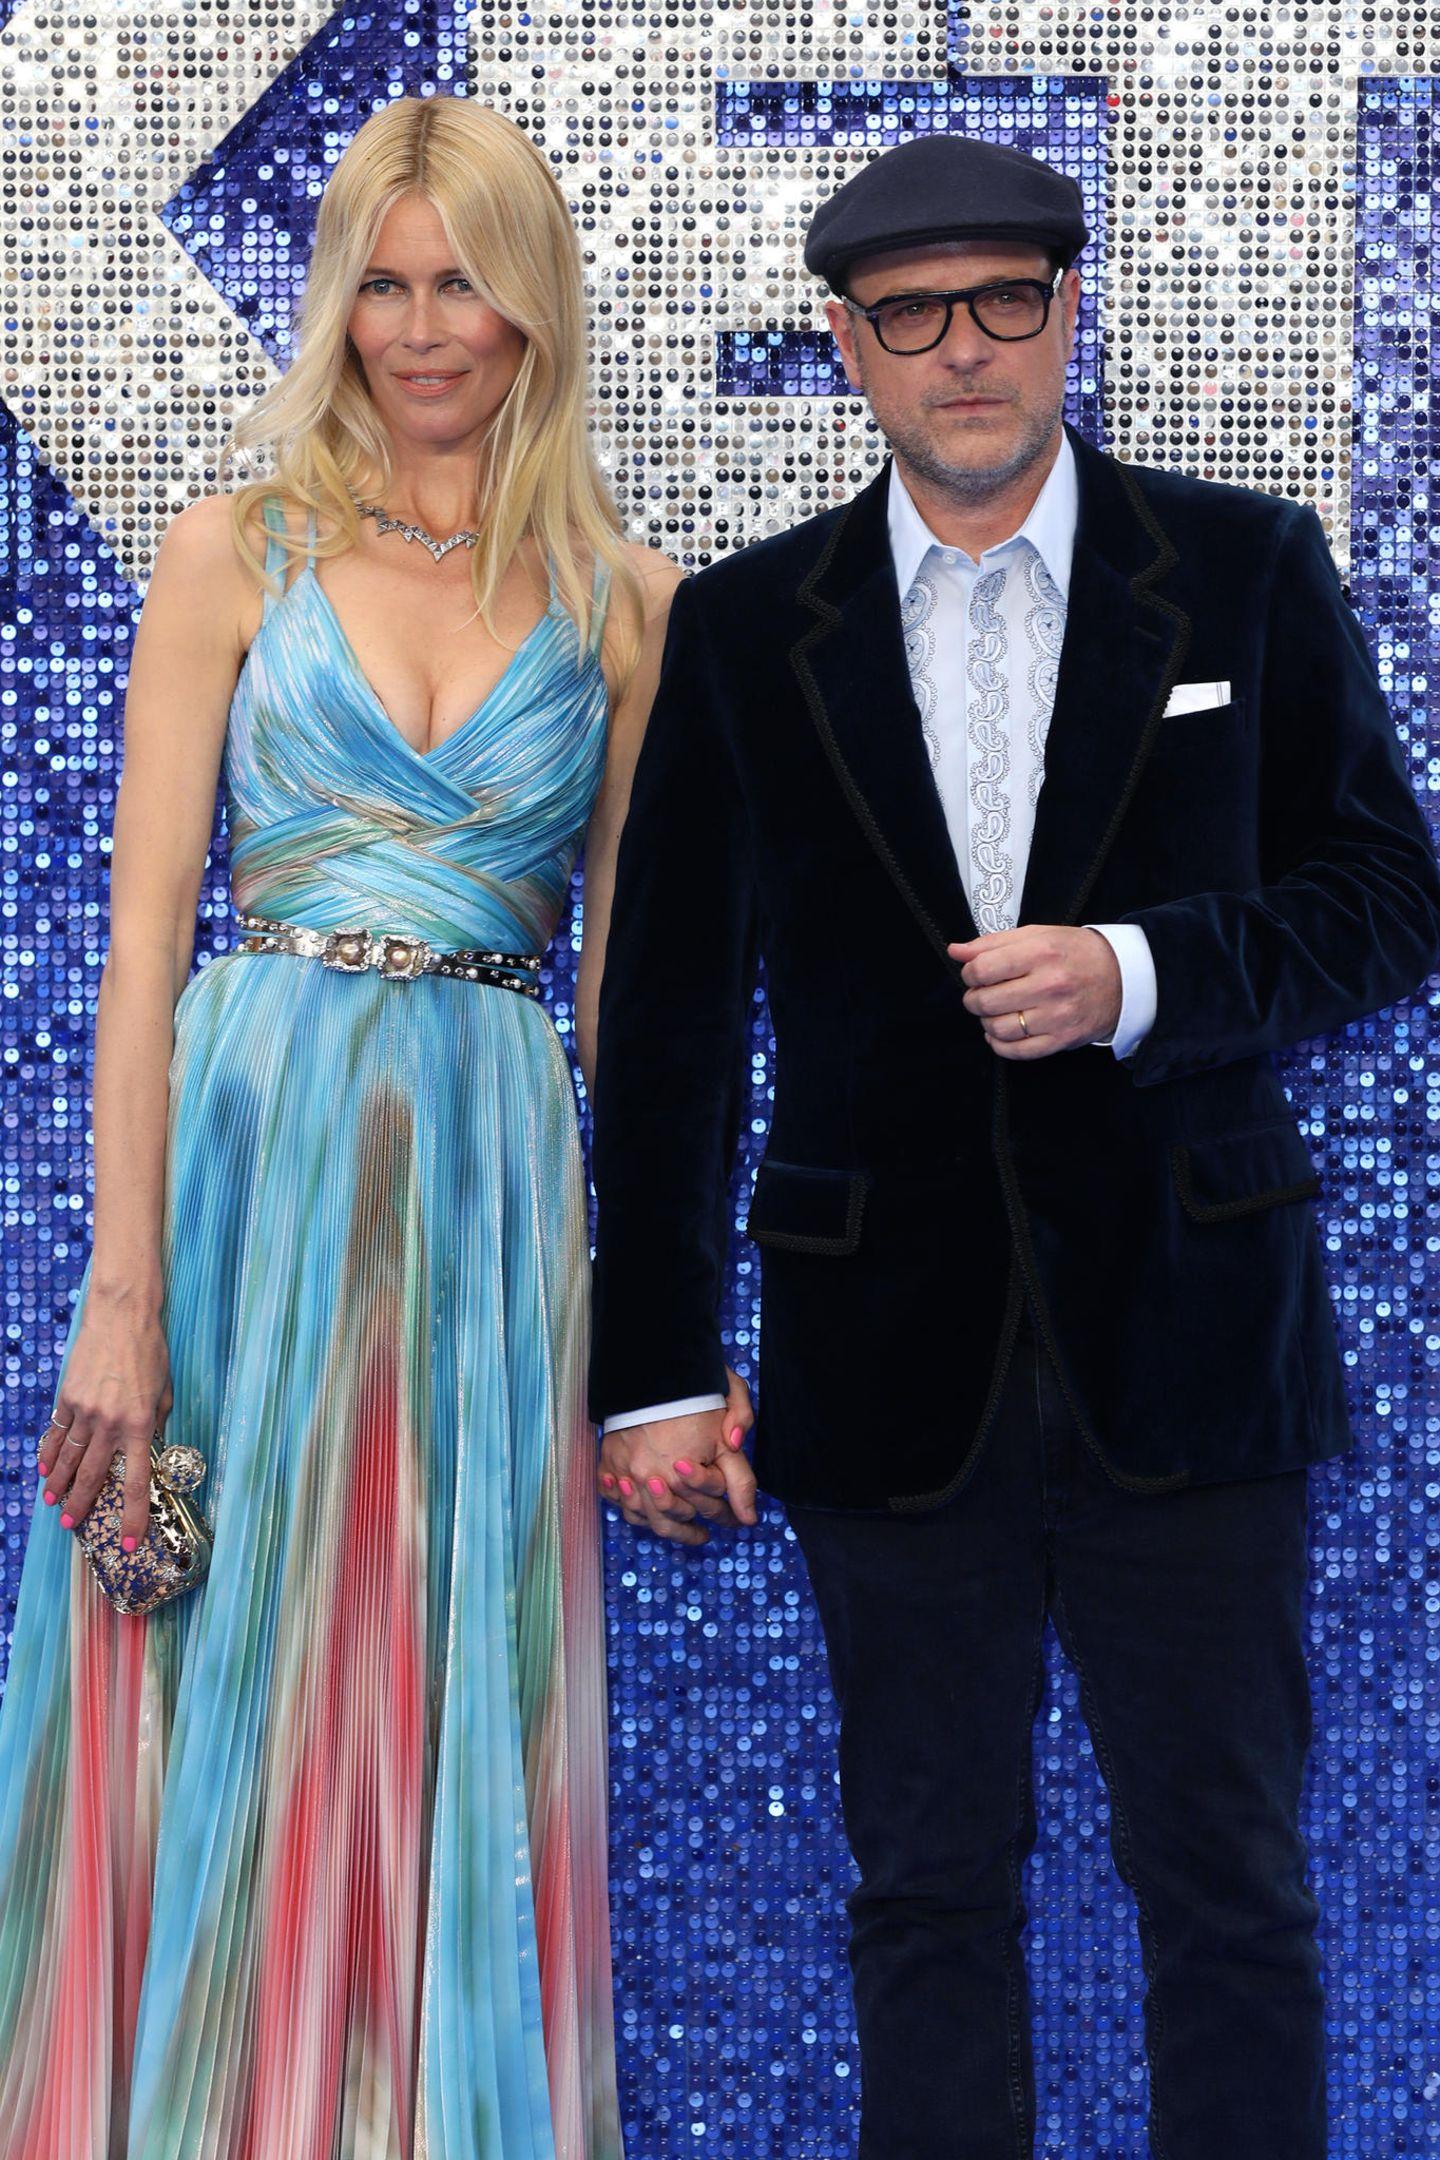 Bei der Premiere von Rocketman im Odeon Luxe,London, erscheint Claudia Schiffer im Regenbogenkleid. Die bunte Robe betont dieschmale Taille der 48-Jährigen und stellt ihren Ausschnitt in den Vordergrund. Diese Wow-Frau hältMatthew Vaughnlieber ganz fest bei der Hand.